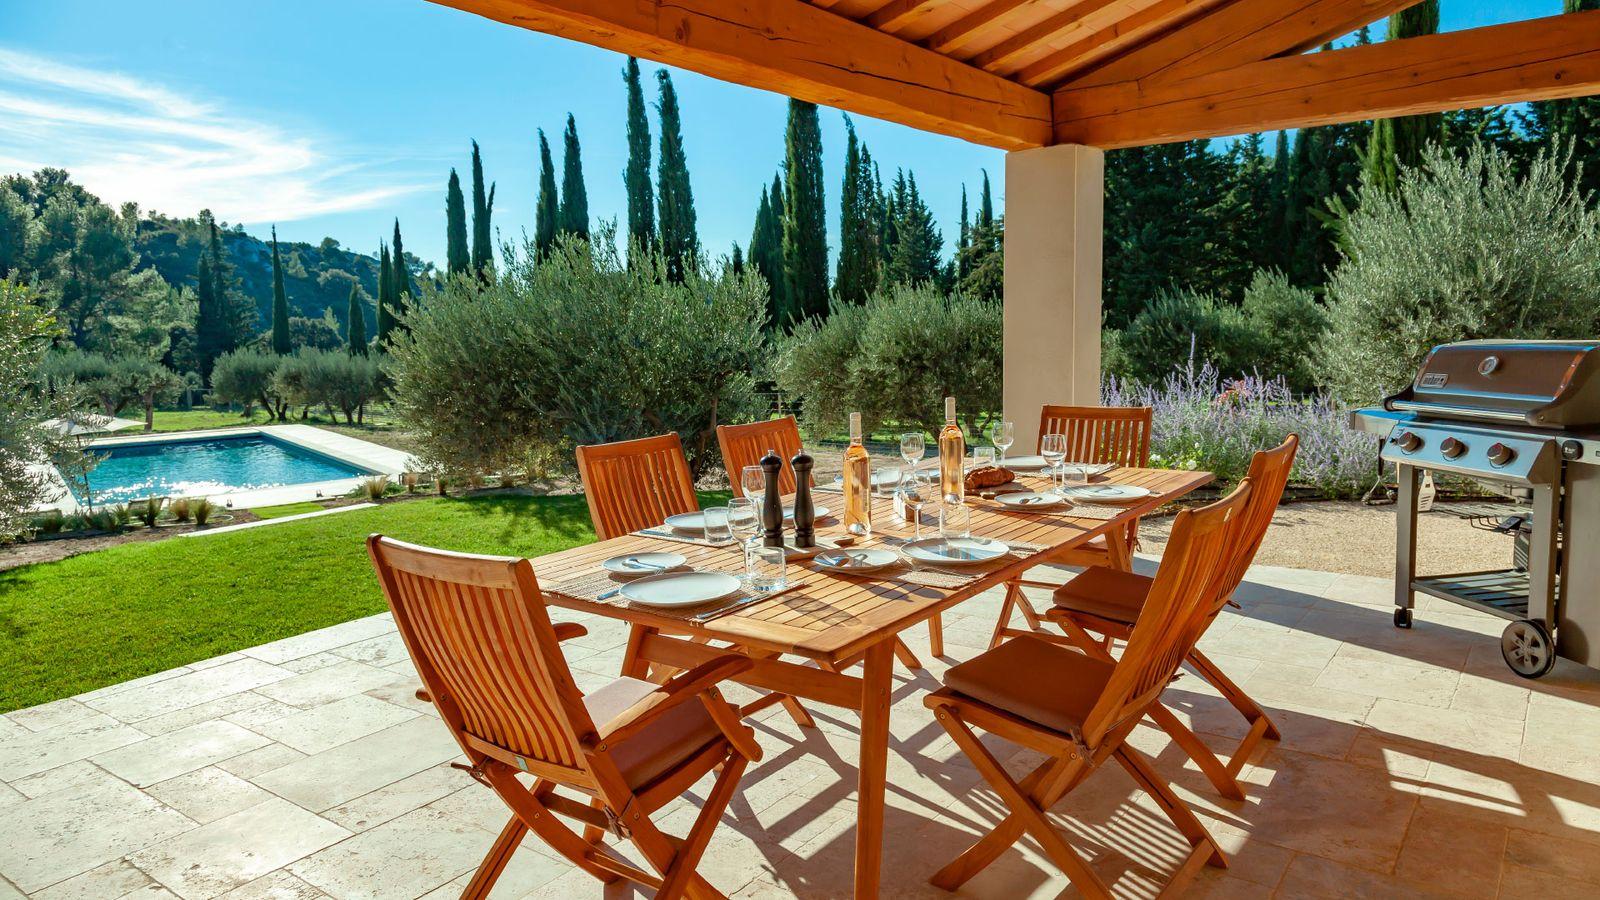 Location saisonnière de Luxe en Provence Alpilles Bouches du Rhône